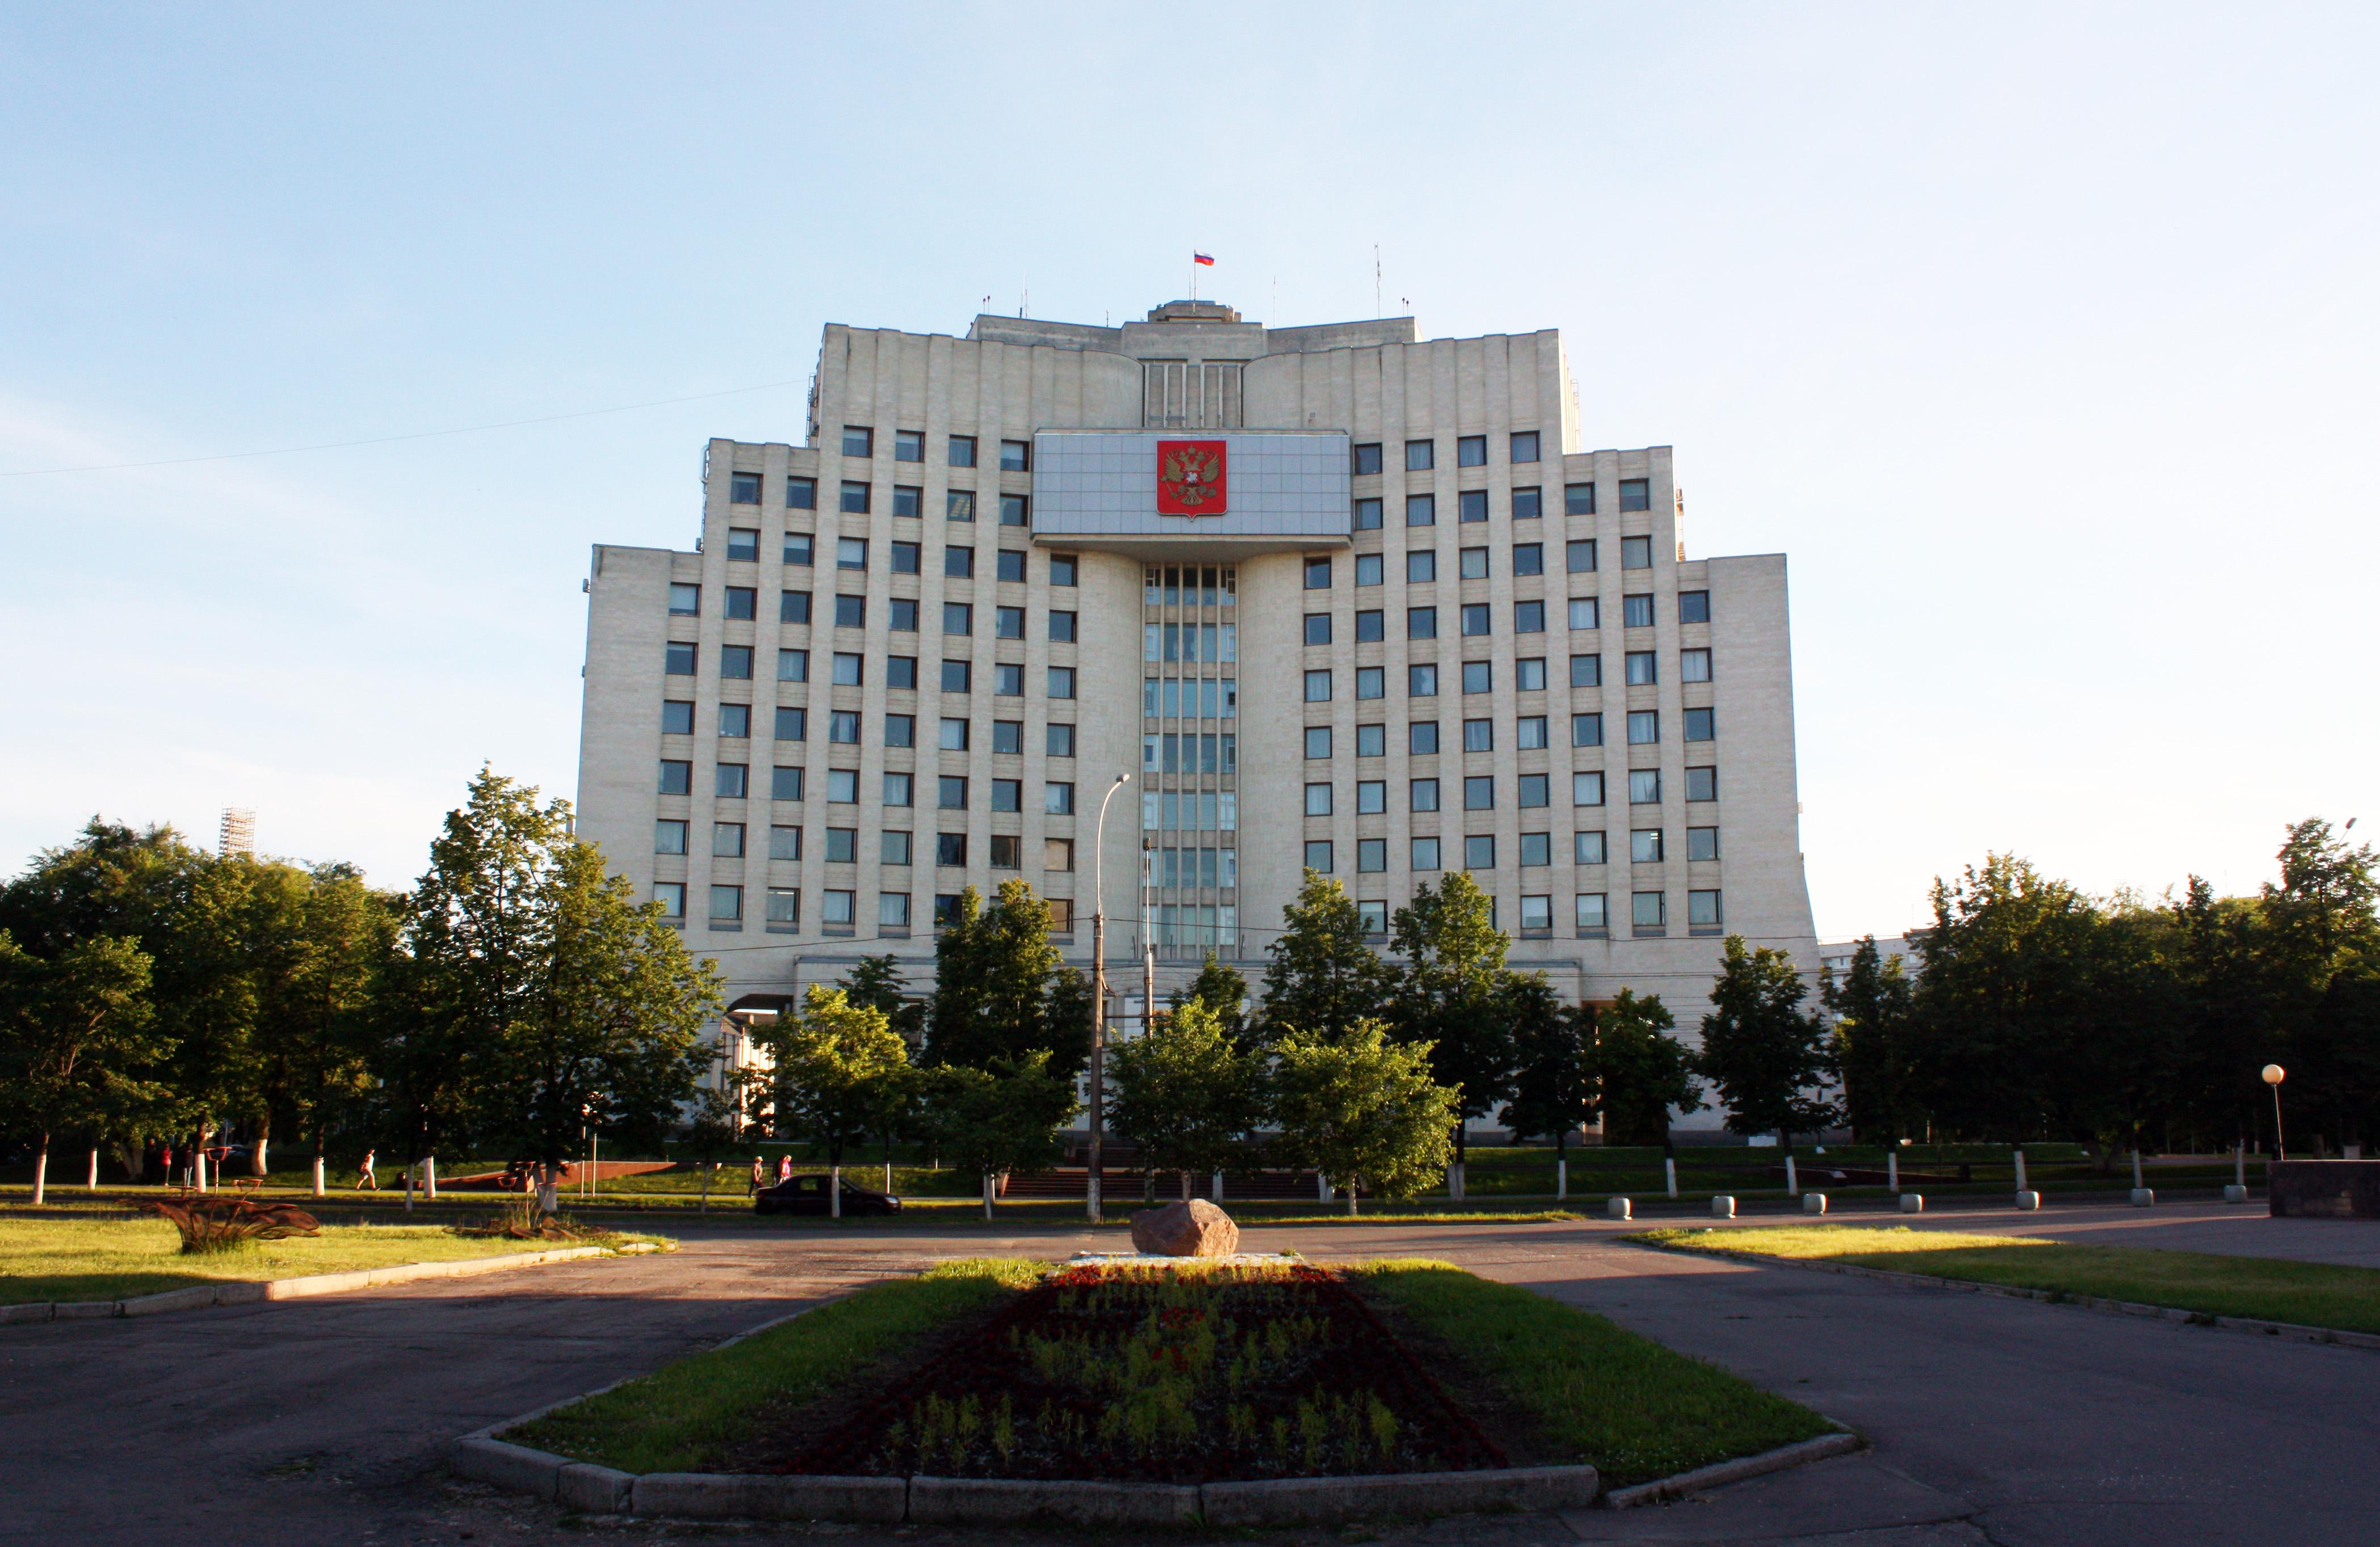 Область забирает у Вологды градостроительные полномочия. Вологда сопротивляется